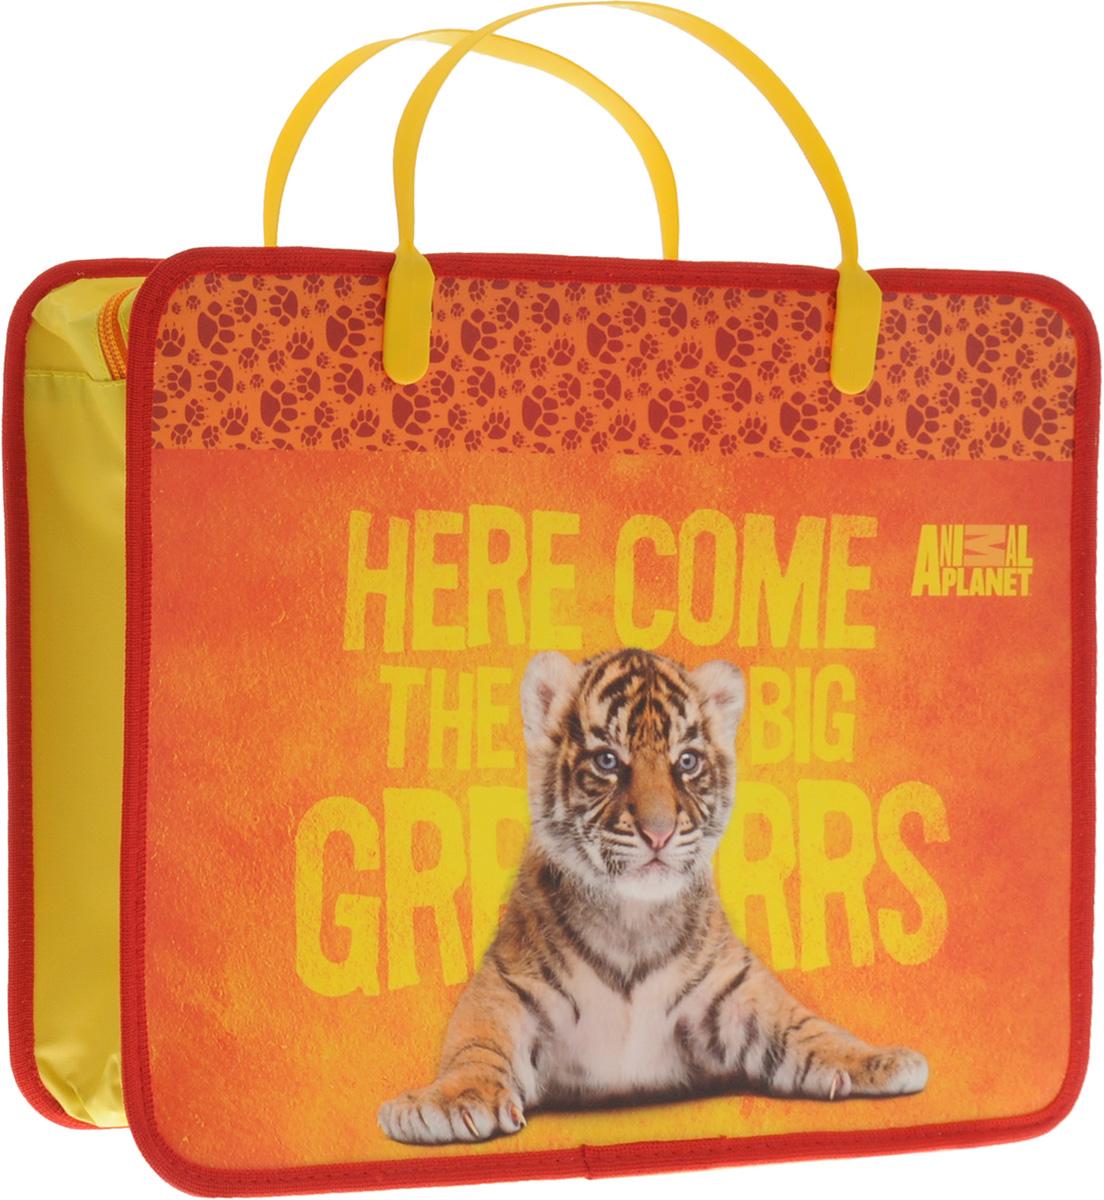 Animal Planet Папка для тетрадей ТигрAP-FZHA4-1_оранжевый, тигрПапка Animal Planet Тигр предназначена для хранения тетрадей, рисунков и прочих бумаг с максимальным форматом А4. Папка выполнена из прочного материала, оформлена изображением милого тигренка и содержит одно отделение. Закрывается она на застежку-молнию. Папка дополнена двумя пластиковыми ручками для переноски. С папкой Animal Planet Тигр тетради вашего ребенка всегда будут выглядеть опрятно.